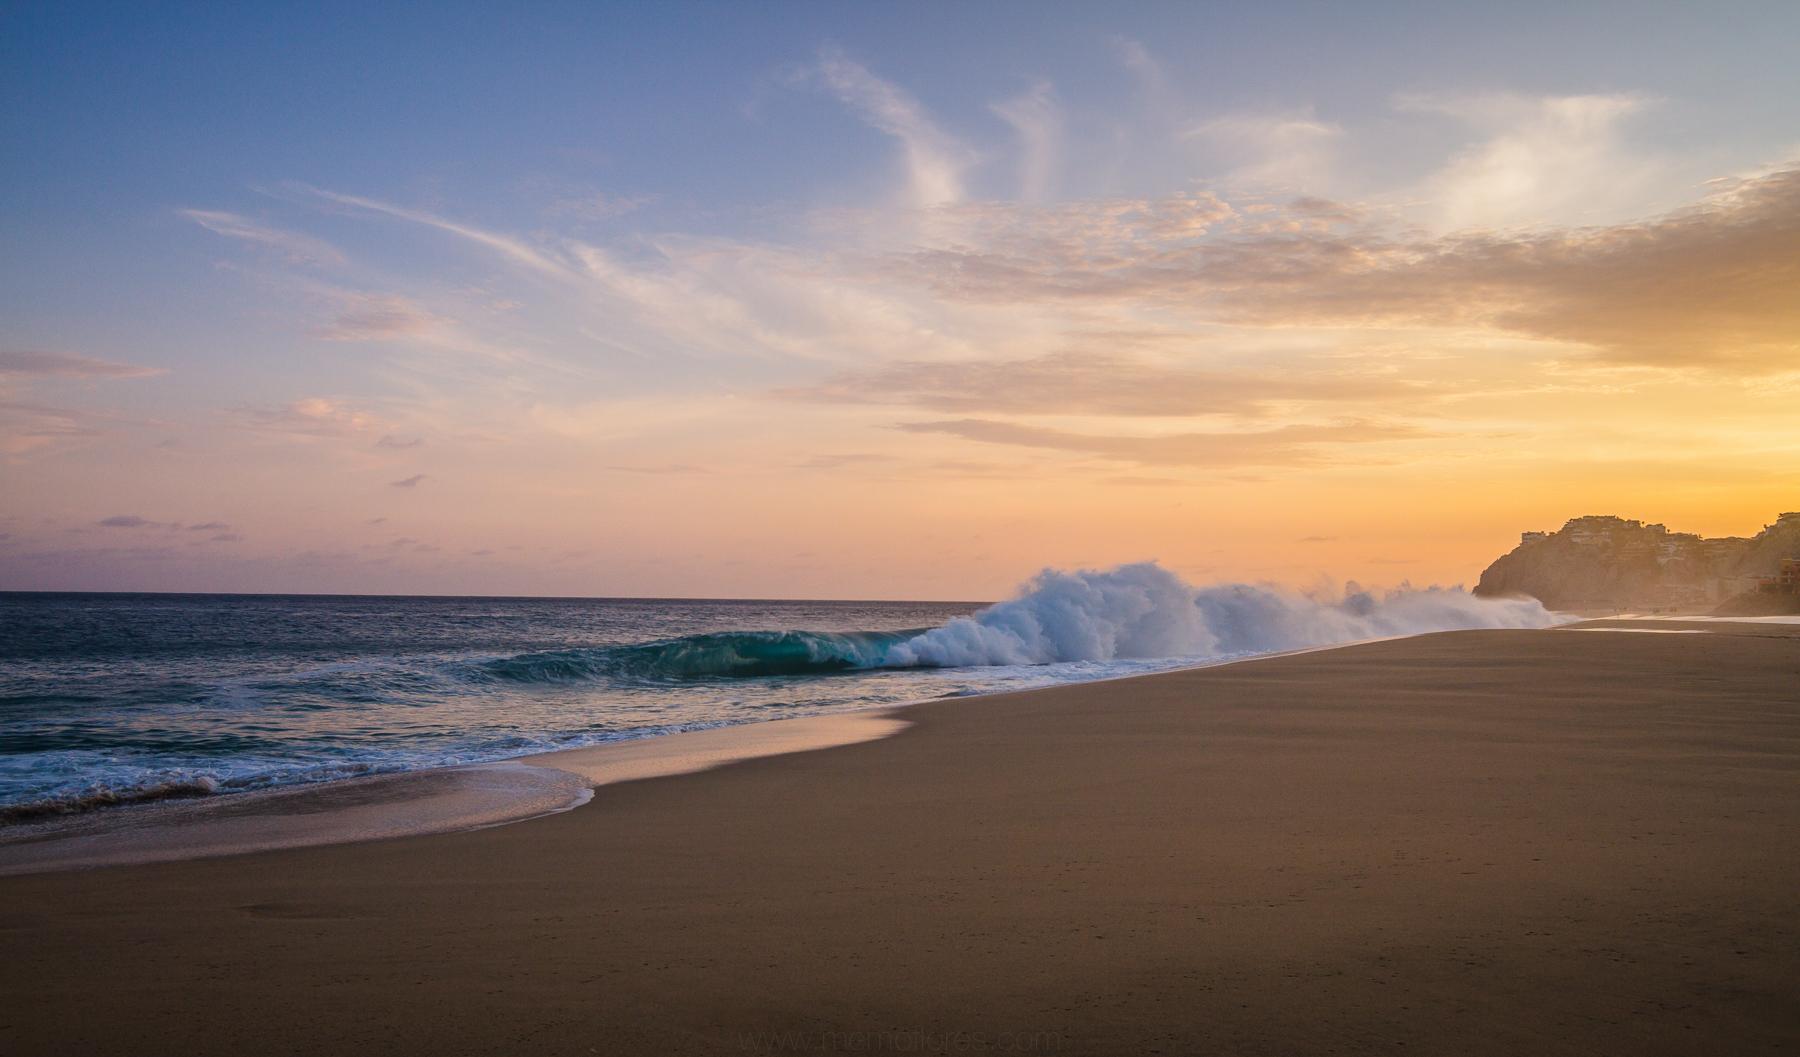 Atardecer en Playa de Cabo San Lucas, BCS, México.